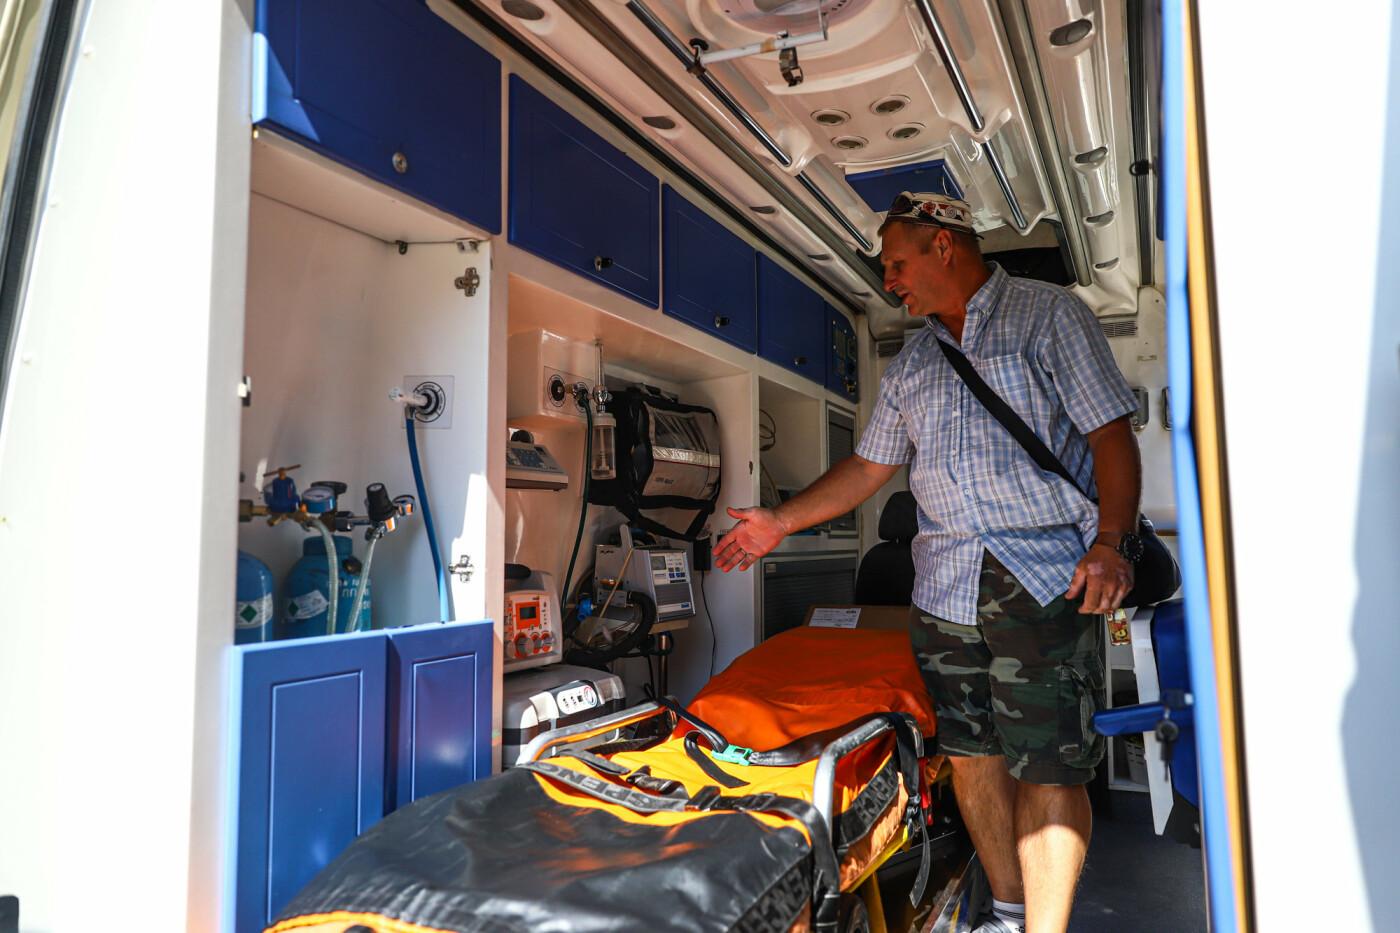 Запорожские медики скорой помощи получили транспортный аппарат ИВЛ стоимостью 200 тысяч гривен, - ФОТО, фото-6